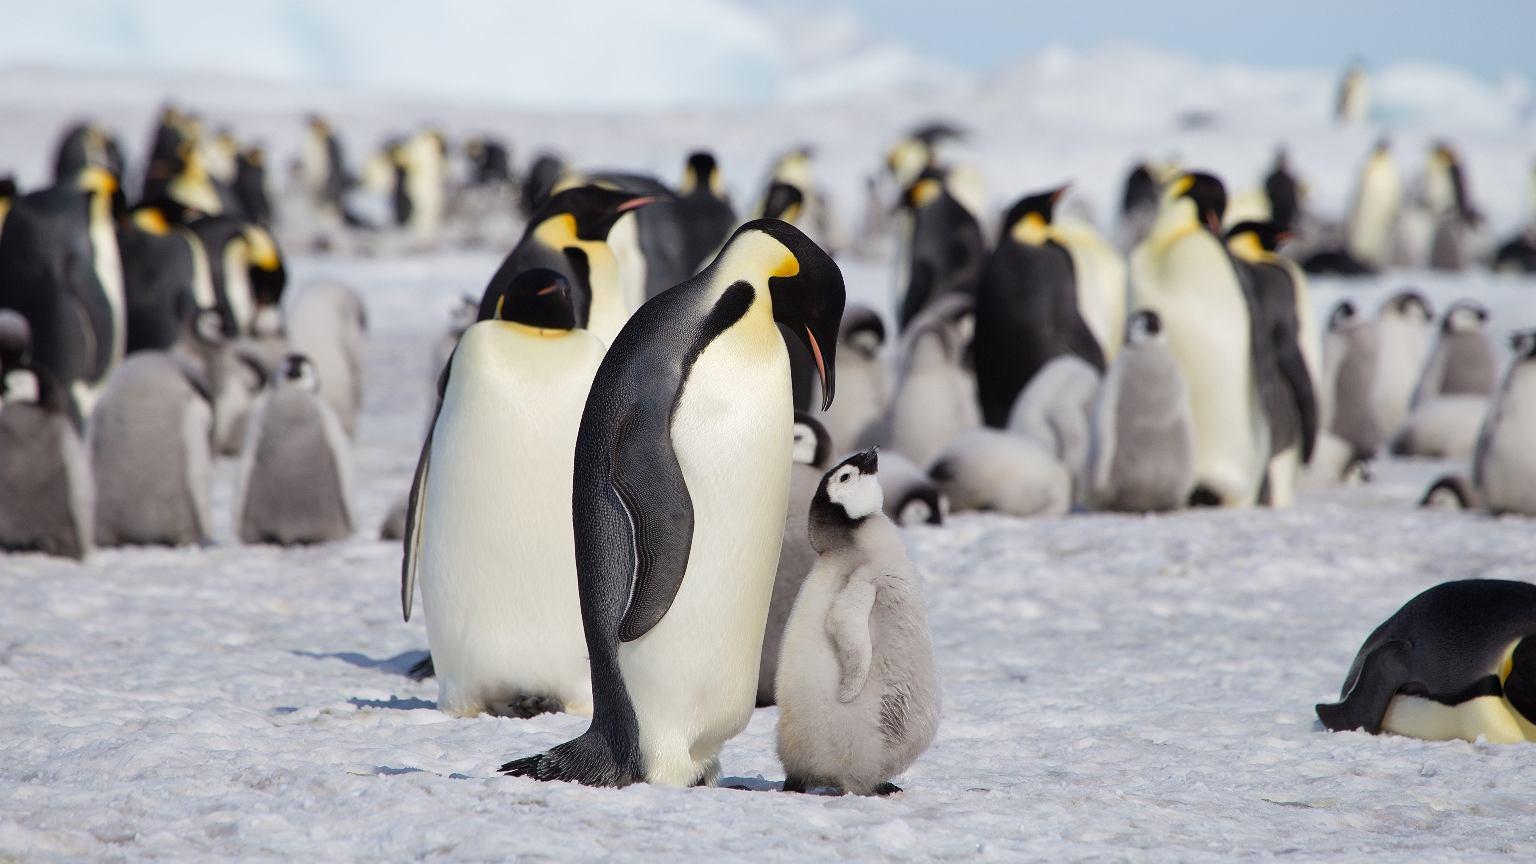 Zwierzęta w naturalny sposób kooperują ze sobą, budują stosunki zaufania i sieci wsparcia